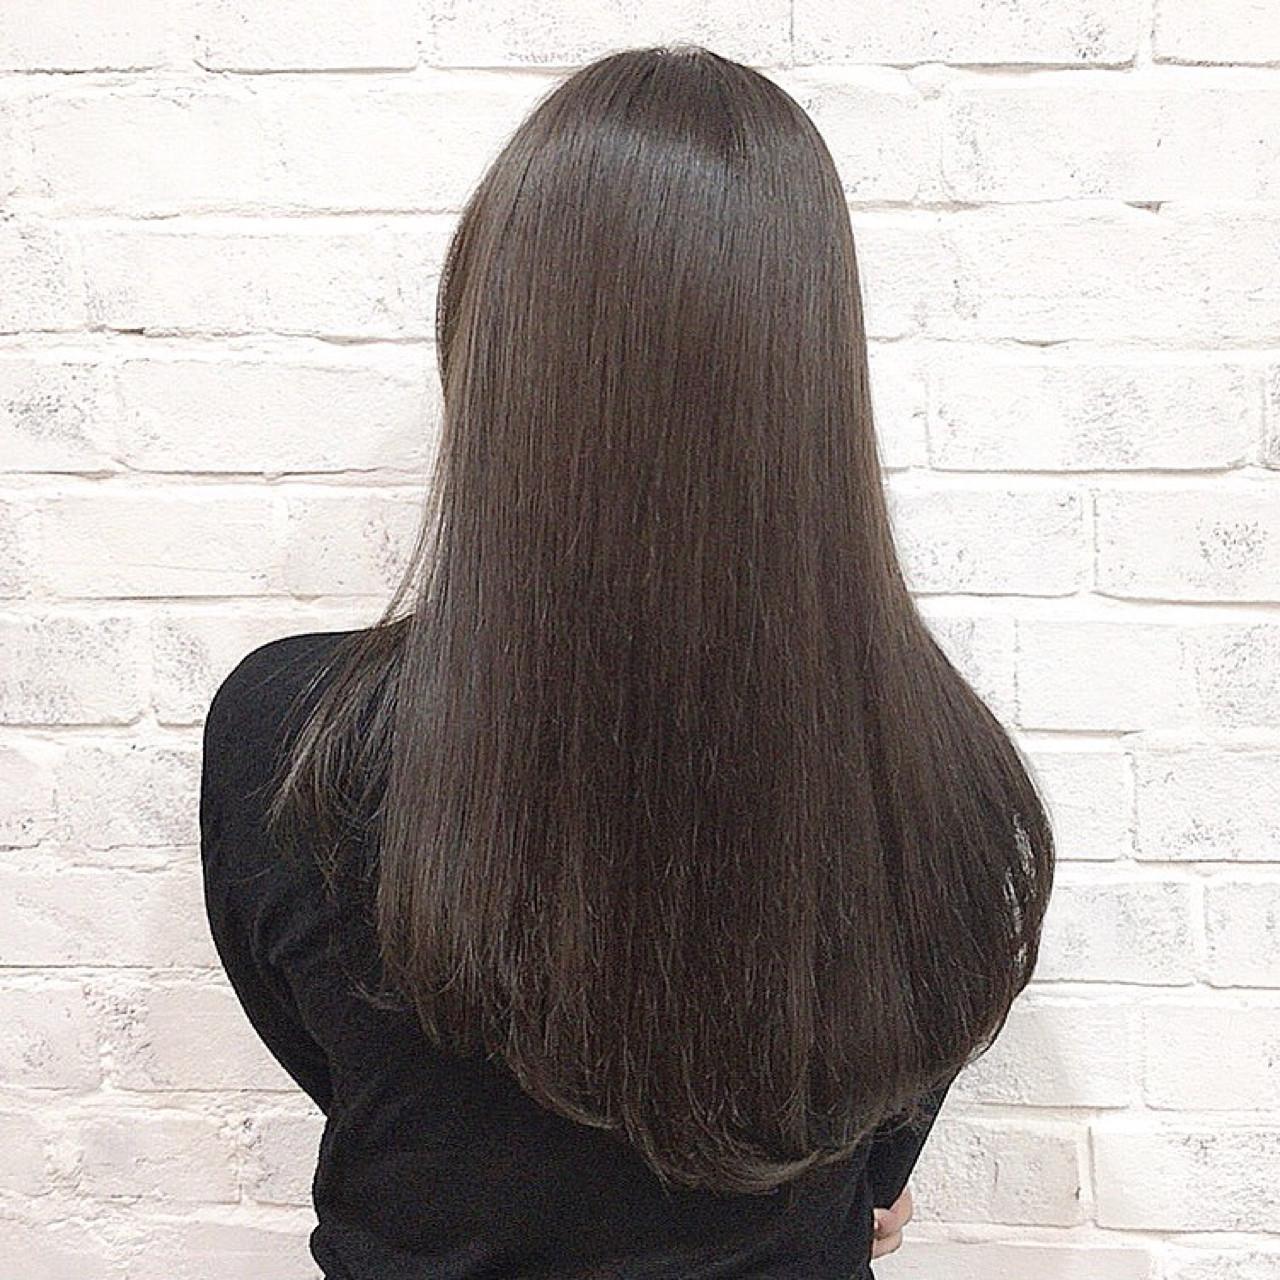 ブラウン 艶髪 トリートメント ナチュラル ヘアスタイルや髪型の写真・画像